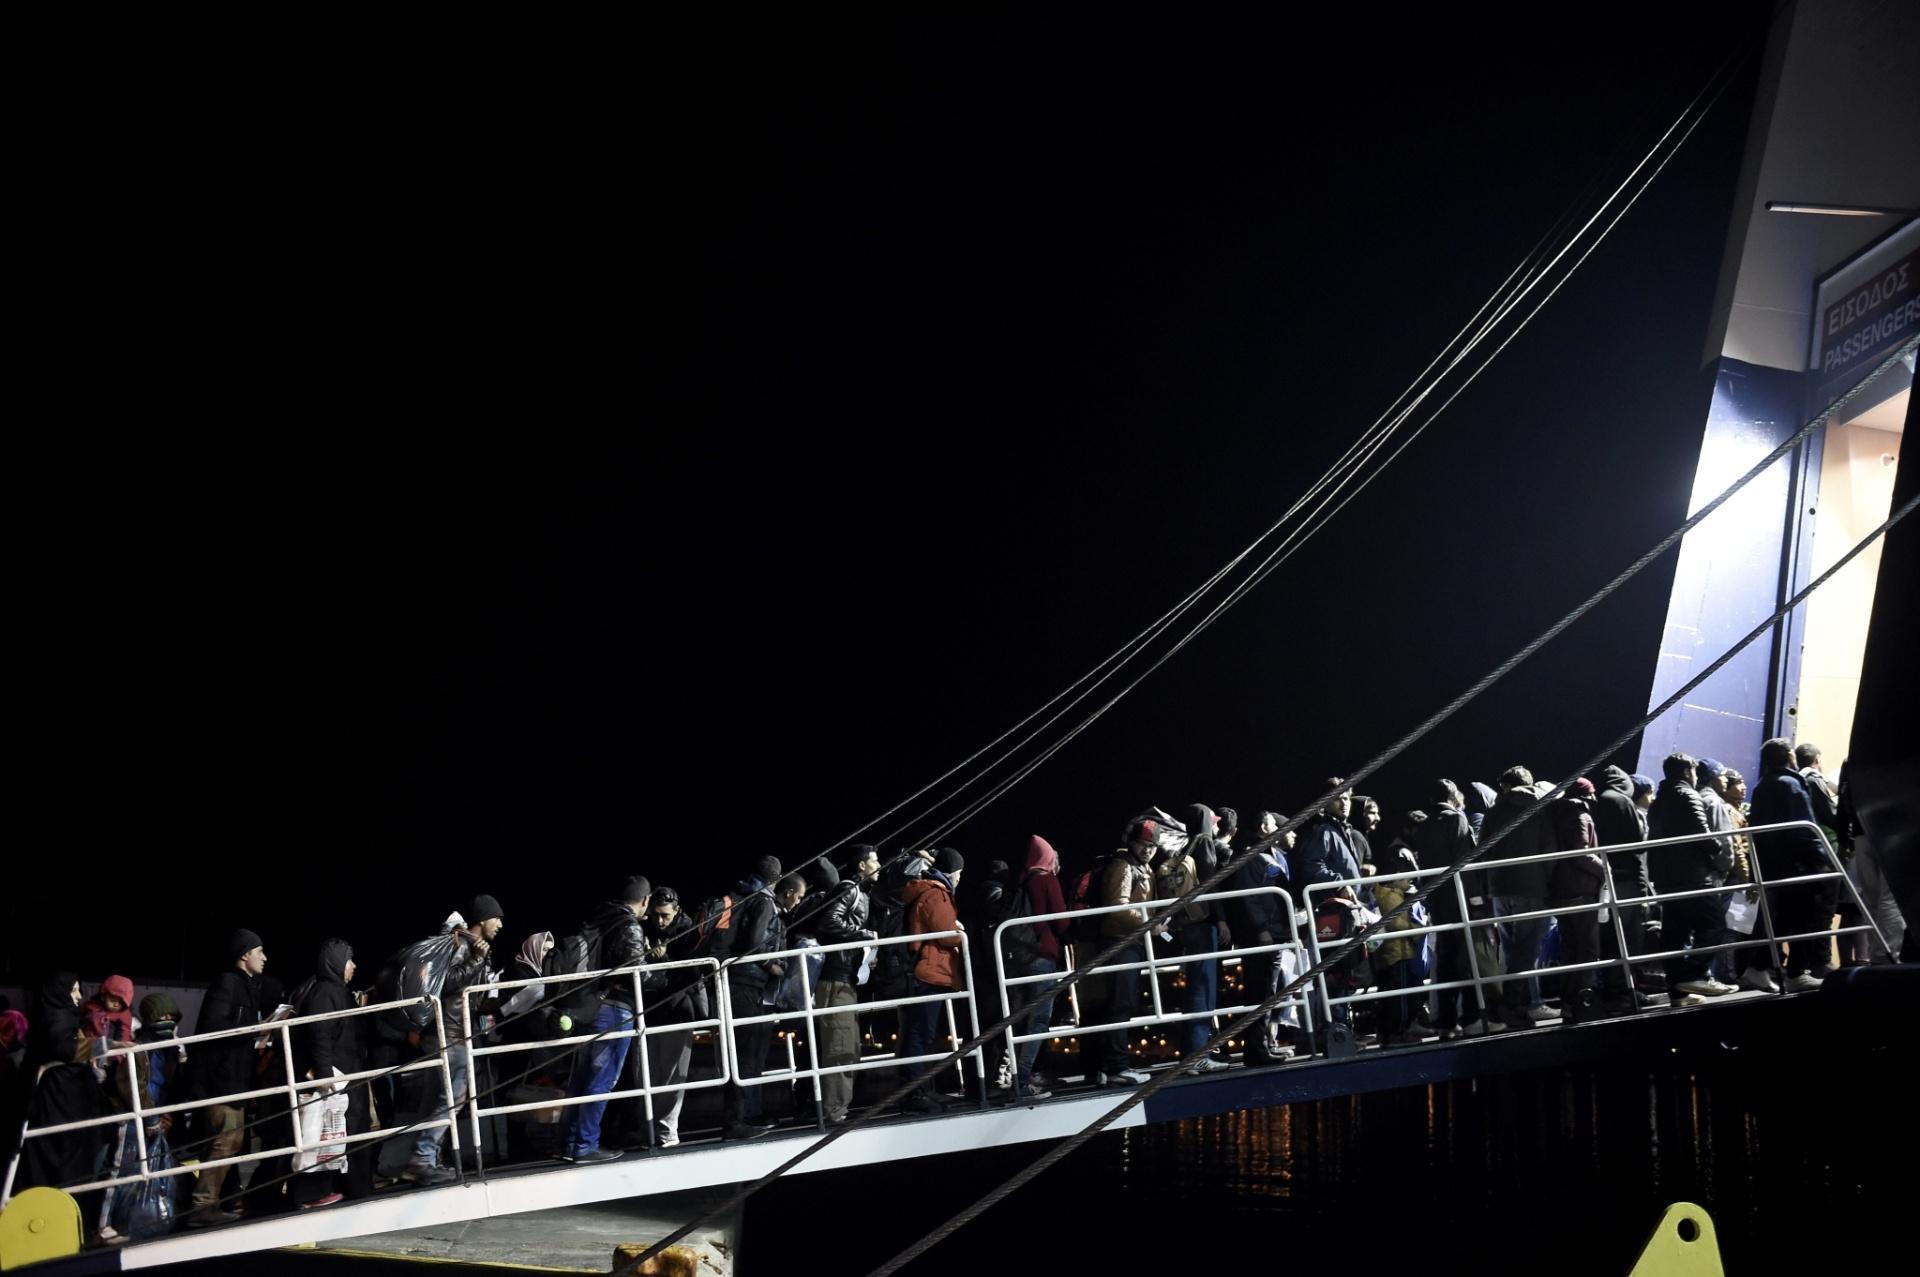 8.dez.2015 - Em busca de luz no fim do túnel, refugiados entram em balsa no porto de Mytiline, em Lesbos, na Grécia, após chegarem oriundos da Turquia. O dia teve mais uma tragédia nas águas da região: pelo menos seis crianças morreram quando um bote com migrantes afegãos afundou a caminho da Grécia, segundo a imprensa local